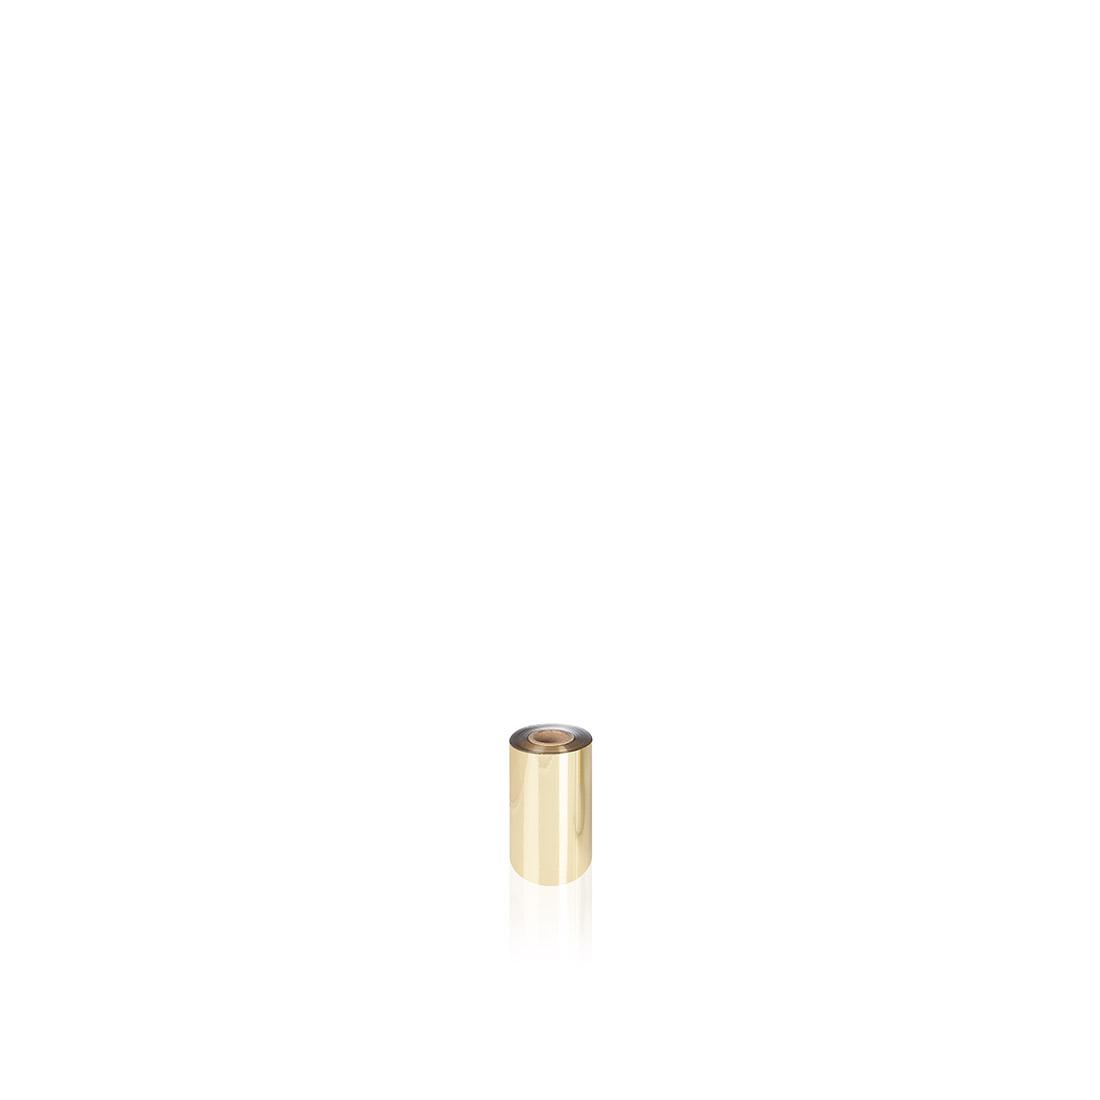 Uniwersalna folia do złoceń, nabłyszczeń w rolce - O.FOIL NEW UNIVERSAL - 10,6 cm x 120 m - złoty